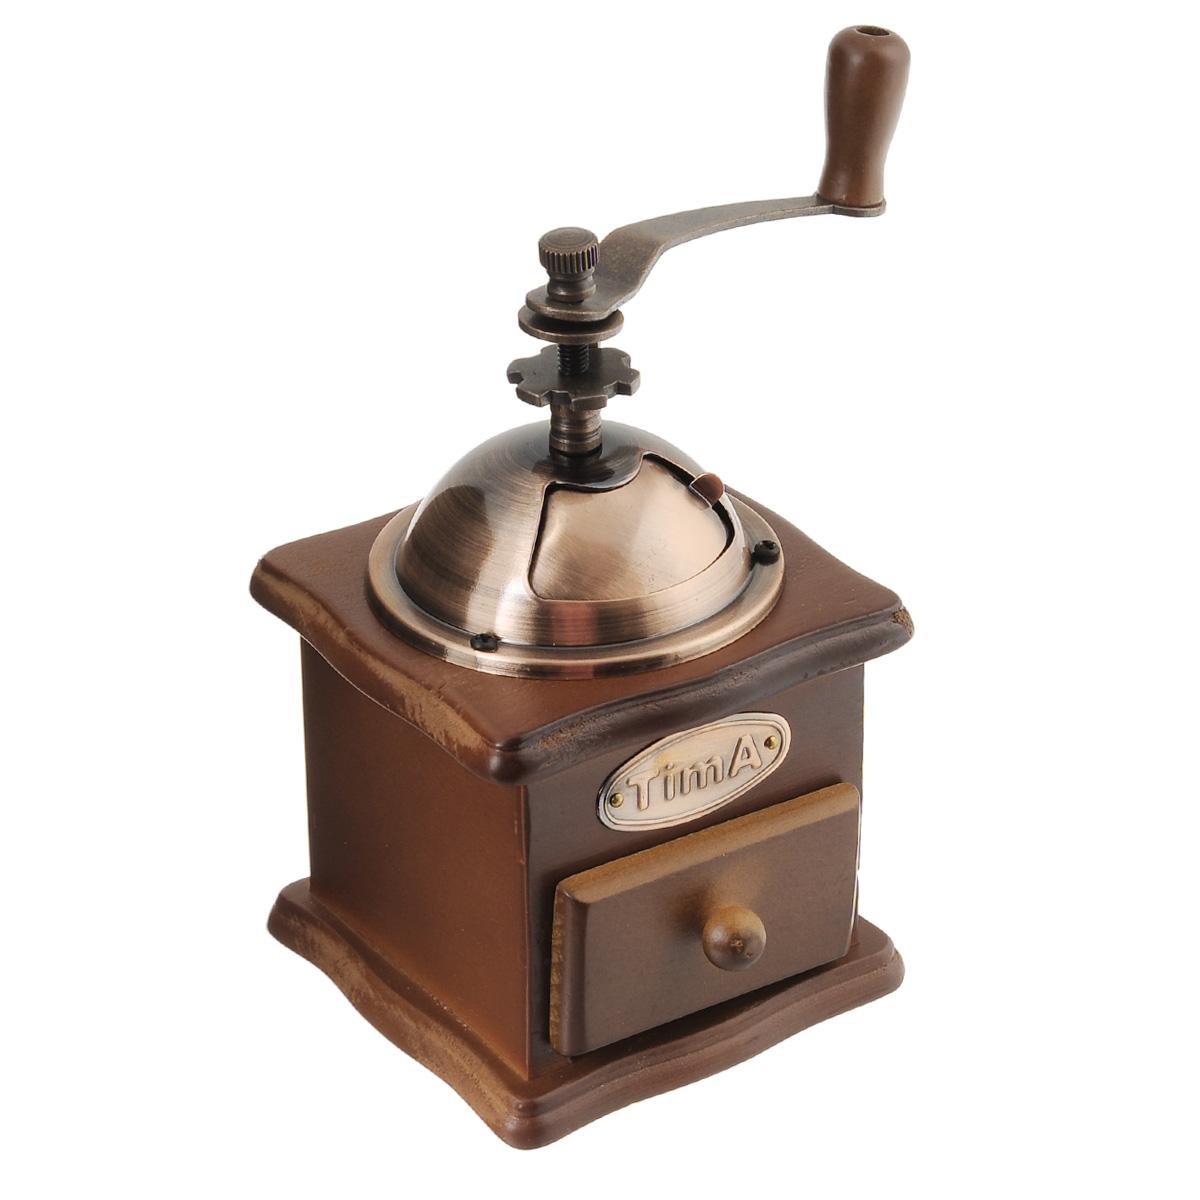 Кофемолка ручная TimA. SL-008115510Ручная кофемолка TimA, выполненная из дерева и металла, сочетает в себе эстетичность и функциональность. Она оснащена выдвижным деревянным ящичком для молотого кофе, металлической воронкой и удобной элегантной ручкой для помола. Изделие снабжено внутренним керамическим механизмом. Вы сможете регулировать степень помола от мелкого до крупного. Инструкция по регулировке степени помола имеется на упаковке изделия. Такая кофемолка станет незаменимым помощником на вашей кухне.Высота кофемолки: 16 см.Размер основания кофемолки: 10 см х 10 см.